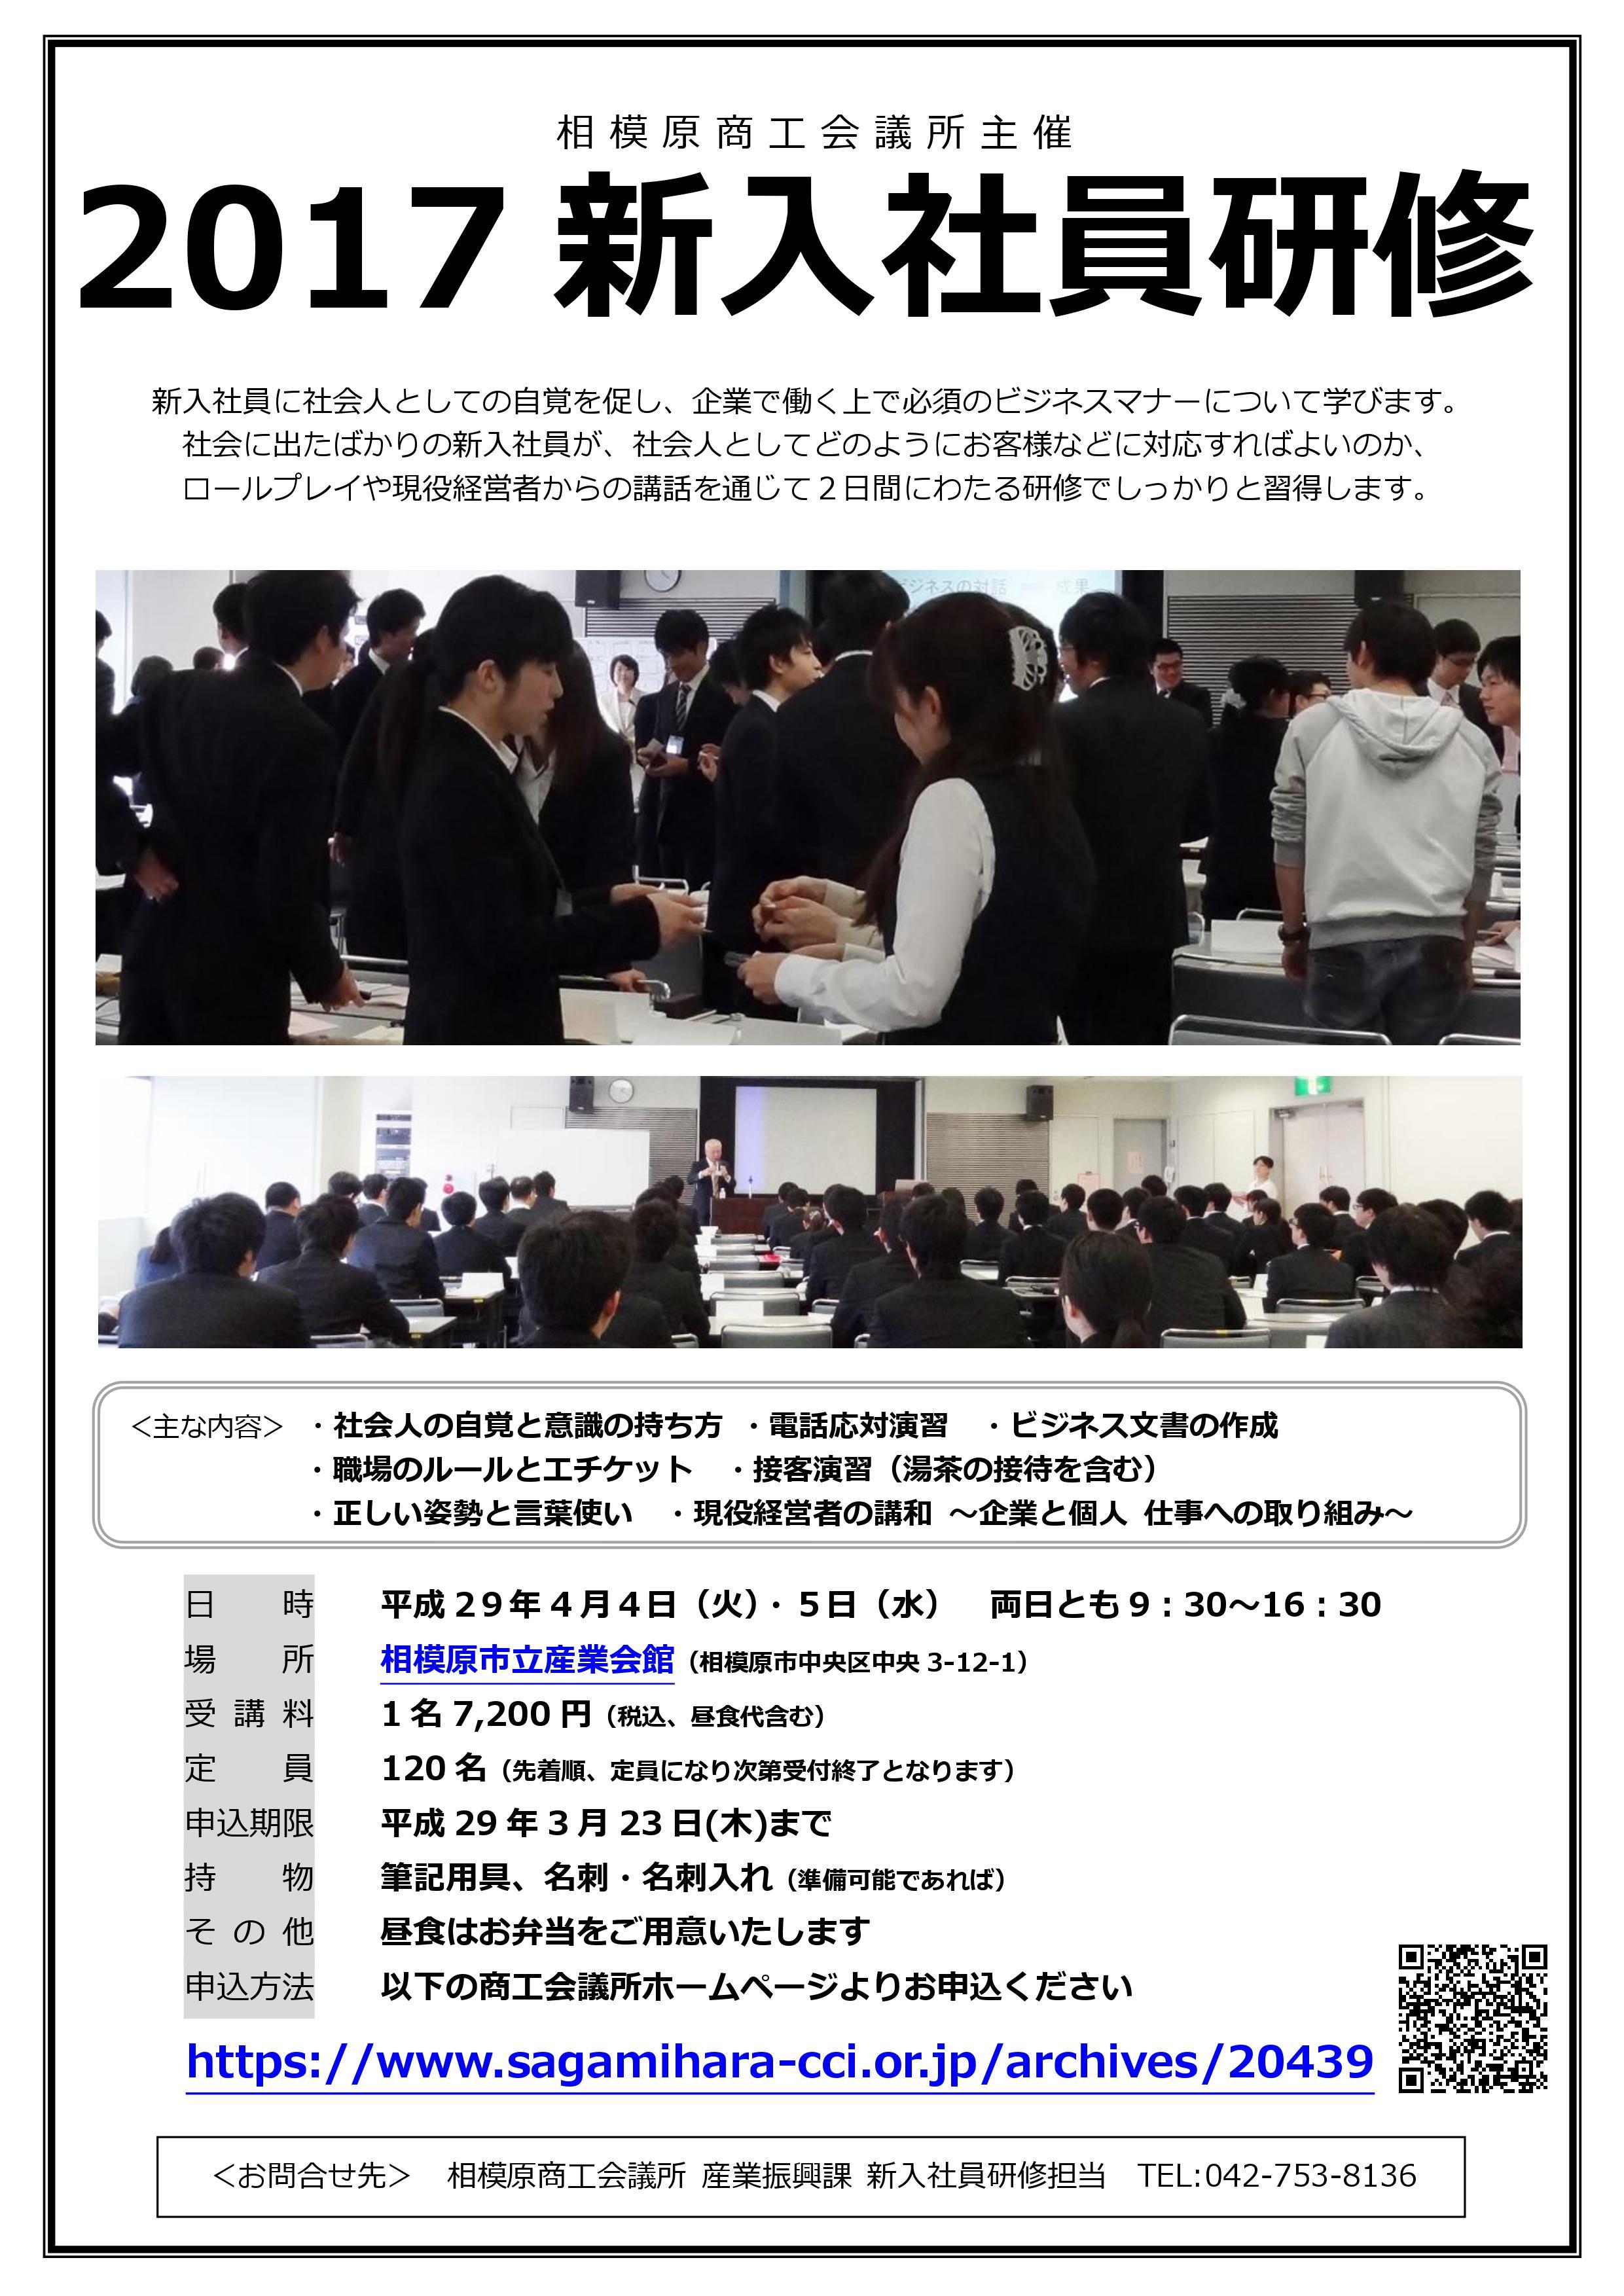 【ネット申込のみ】2017新入社員研修チラシ